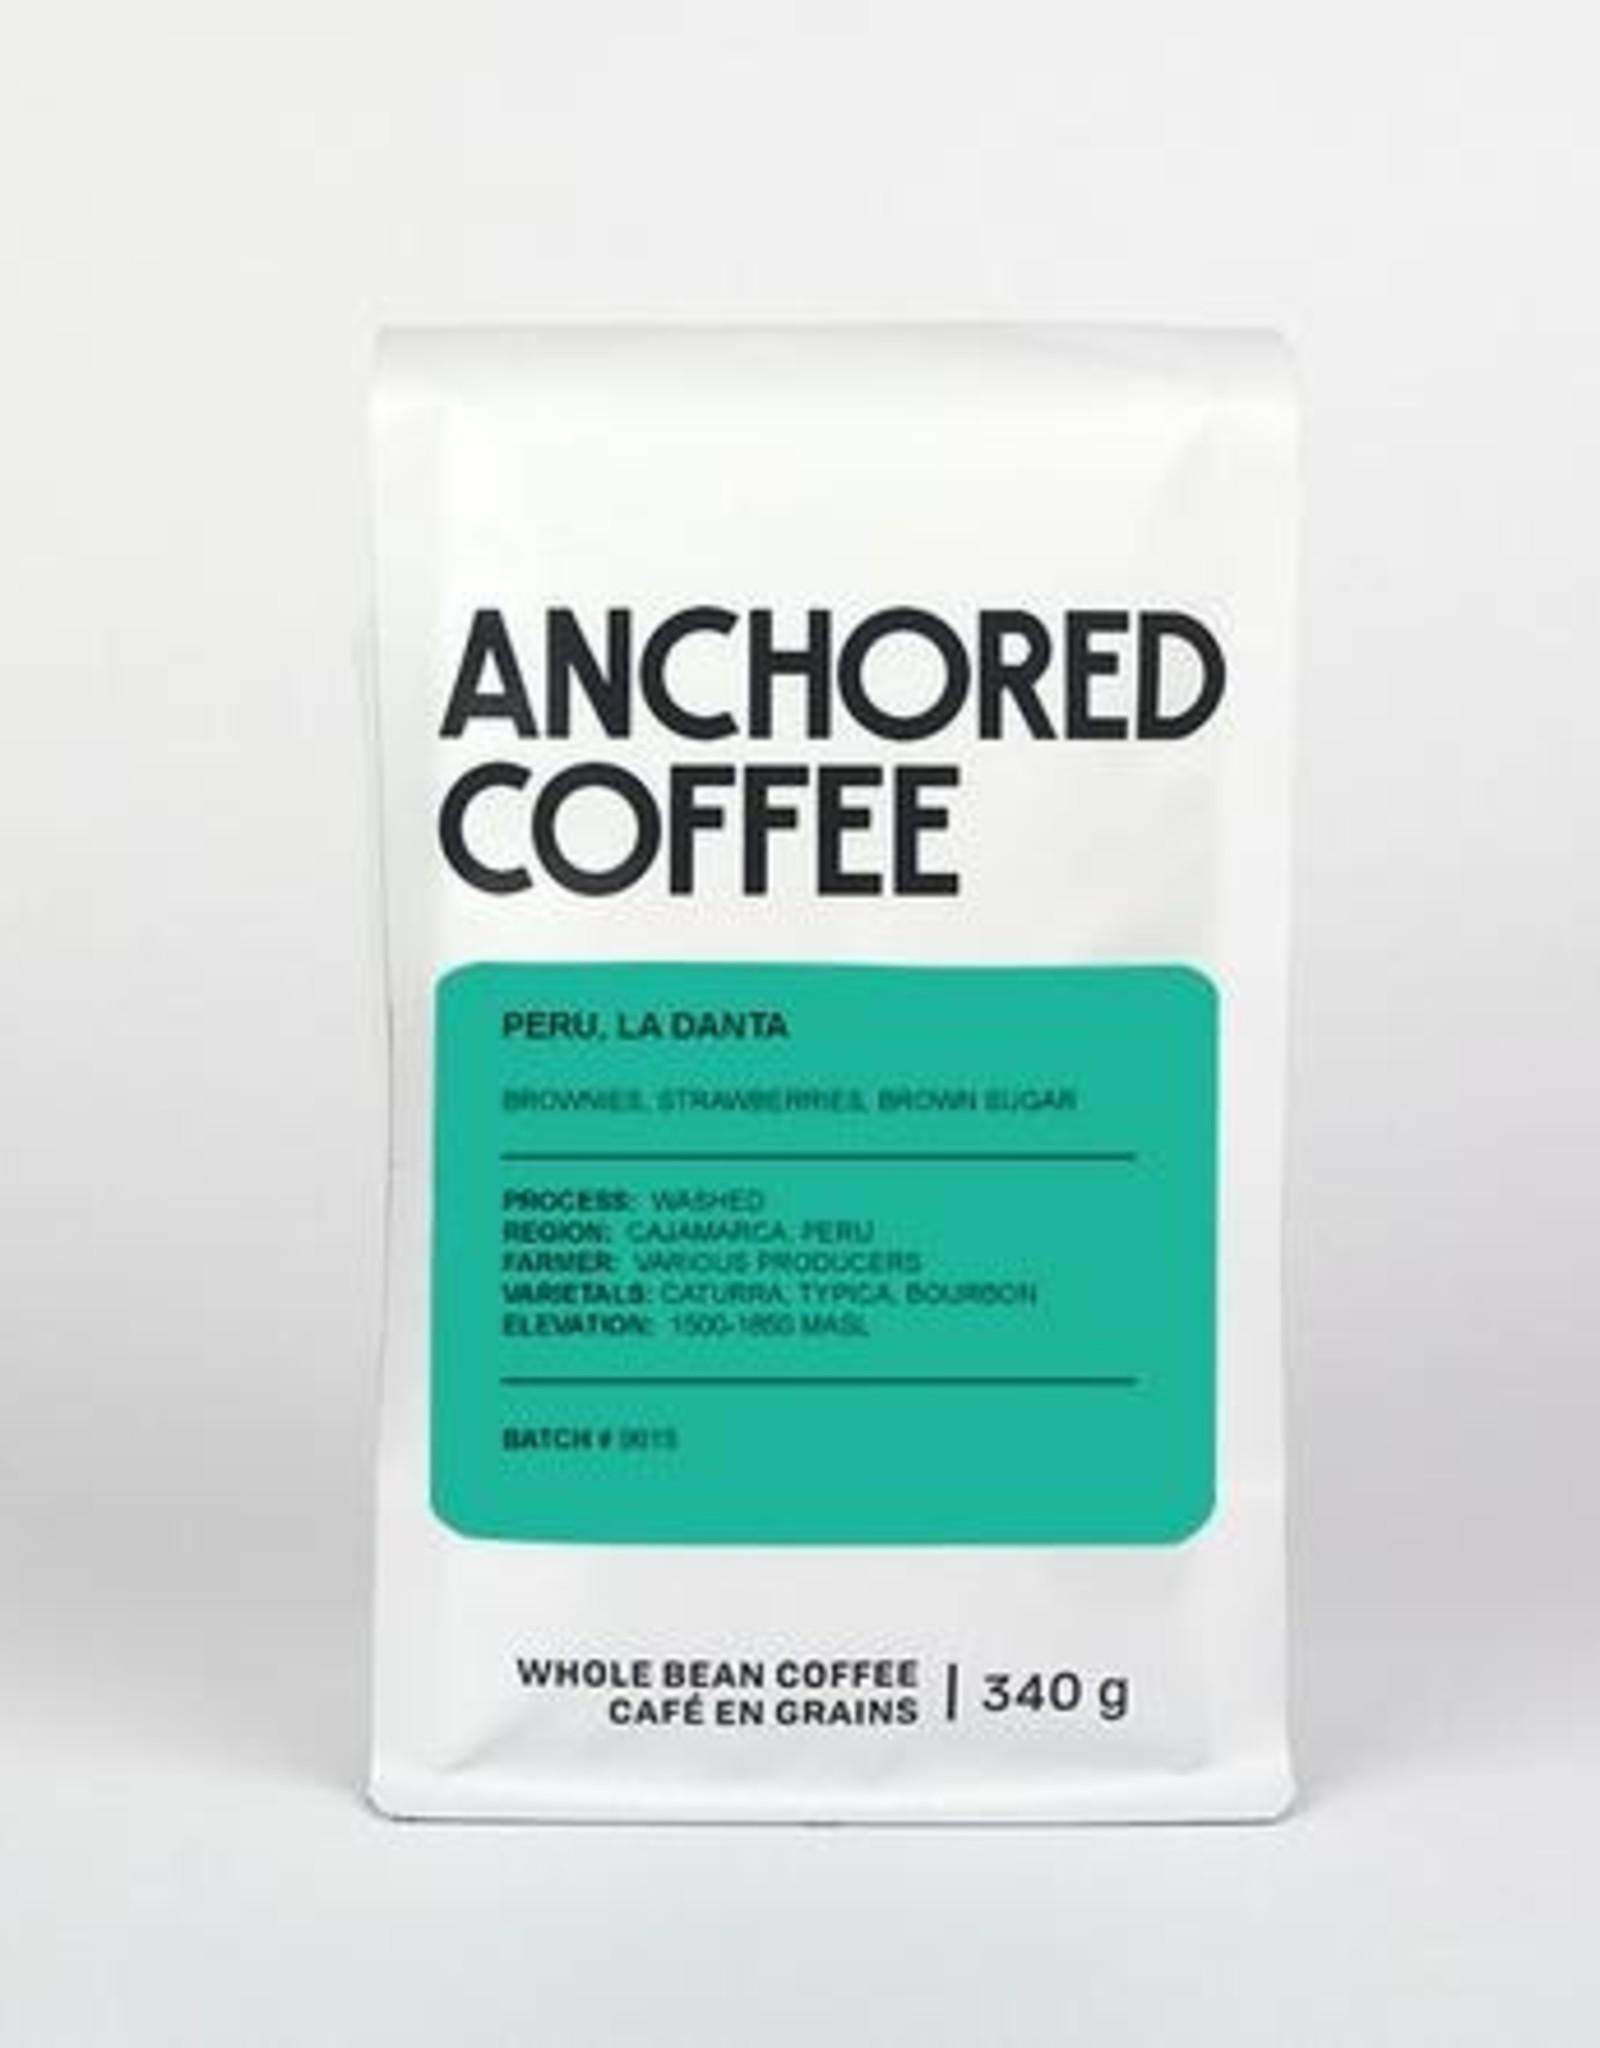 Café Anchored - Peru, La Danta - Filter - 340g